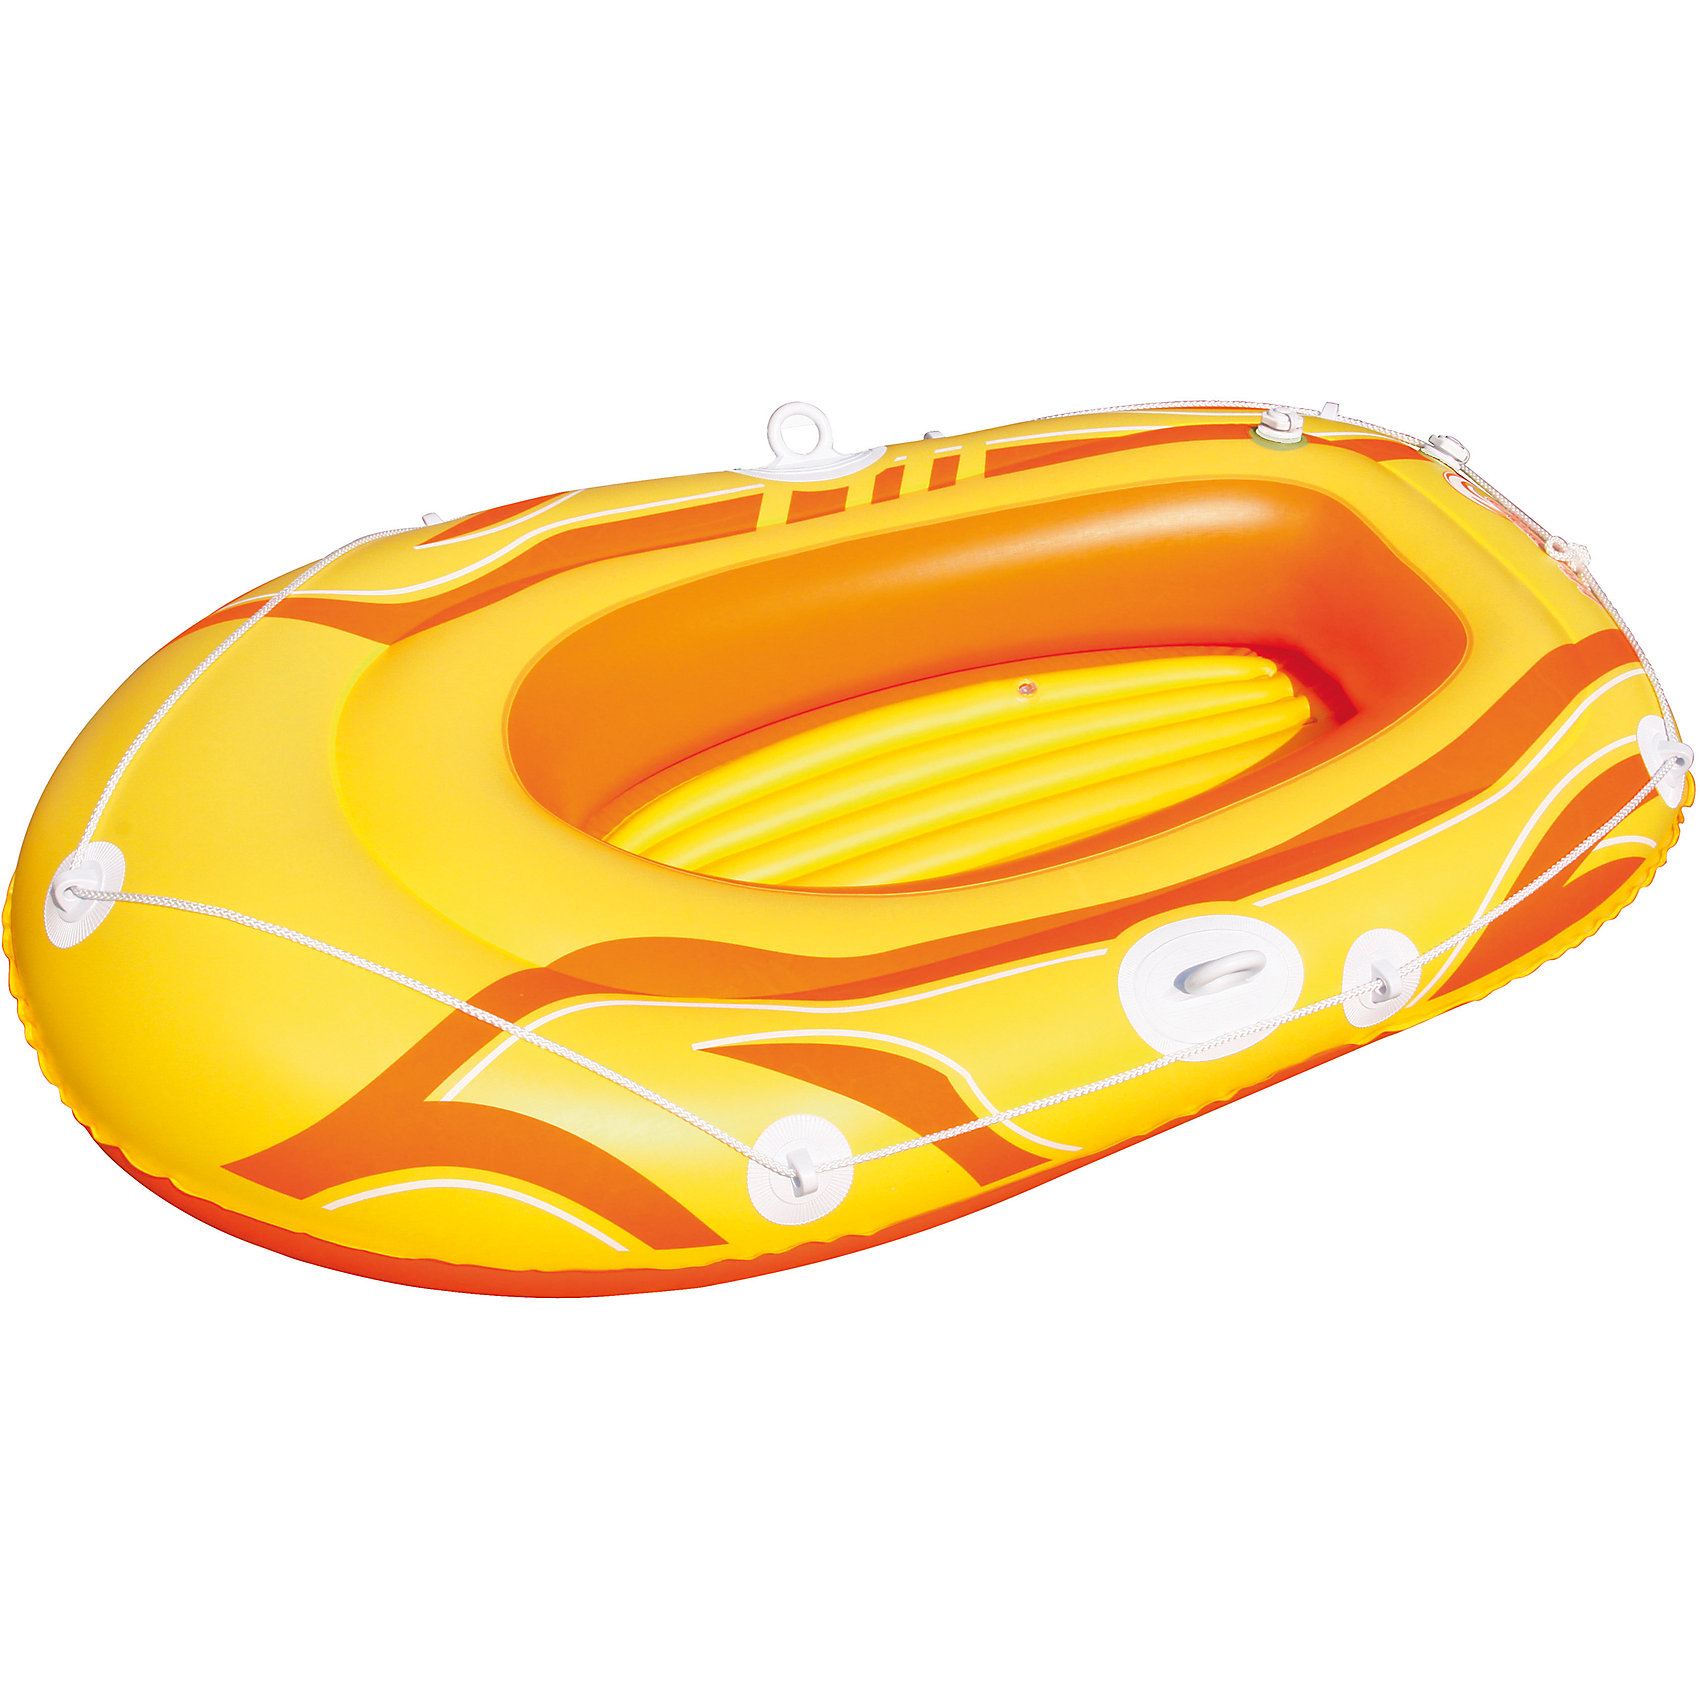 Надувная лодка с двухкамерным бортом, Bestway, желтаяМатрасы и лодки<br>Характеристики товара:<br><br>• материал: винил<br>• цвет: желтый<br>• размер: 188х98 см<br>• комплектация: леерный трос, уключины, ремкомплект<br>• максимальная нагрузка: 120 кг<br>• легкий прочный материал<br>• надувная<br>• яркий цвет<br>• 1,5-местная<br>• комфортный<br>• хорошо заметна на воде<br>• возраст: от 3 лет<br>• страна бренда: США, Китай<br>• страна производства: Китай<br><br>Это отличный способ научить малышей не бояться воды и обеспечить детям (и взрослым тоже) веселое времяпровождение! Лодка поможет ребенку больше времени проводить на воде.<br><br>Предмет сделан из прочного материала, но очень легкого - отлично держится на воде. Лодка легкая, её удобно брать с собой. Изделие произведено из качественных и безопасных для детей материалов.<br><br>Надувную лодку с двухкамерным бортом, желтую, от бренда Bestway (Бествей) можно купить в нашем интернет-магазине.<br><br>Ширина мм: 350<br>Глубина мм: 90<br>Высота мм: 330<br>Вес г: 2955<br>Возраст от месяцев: 12<br>Возраст до месяцев: 1188<br>Пол: Унисекс<br>Возраст: Детский<br>SKU: 4077692